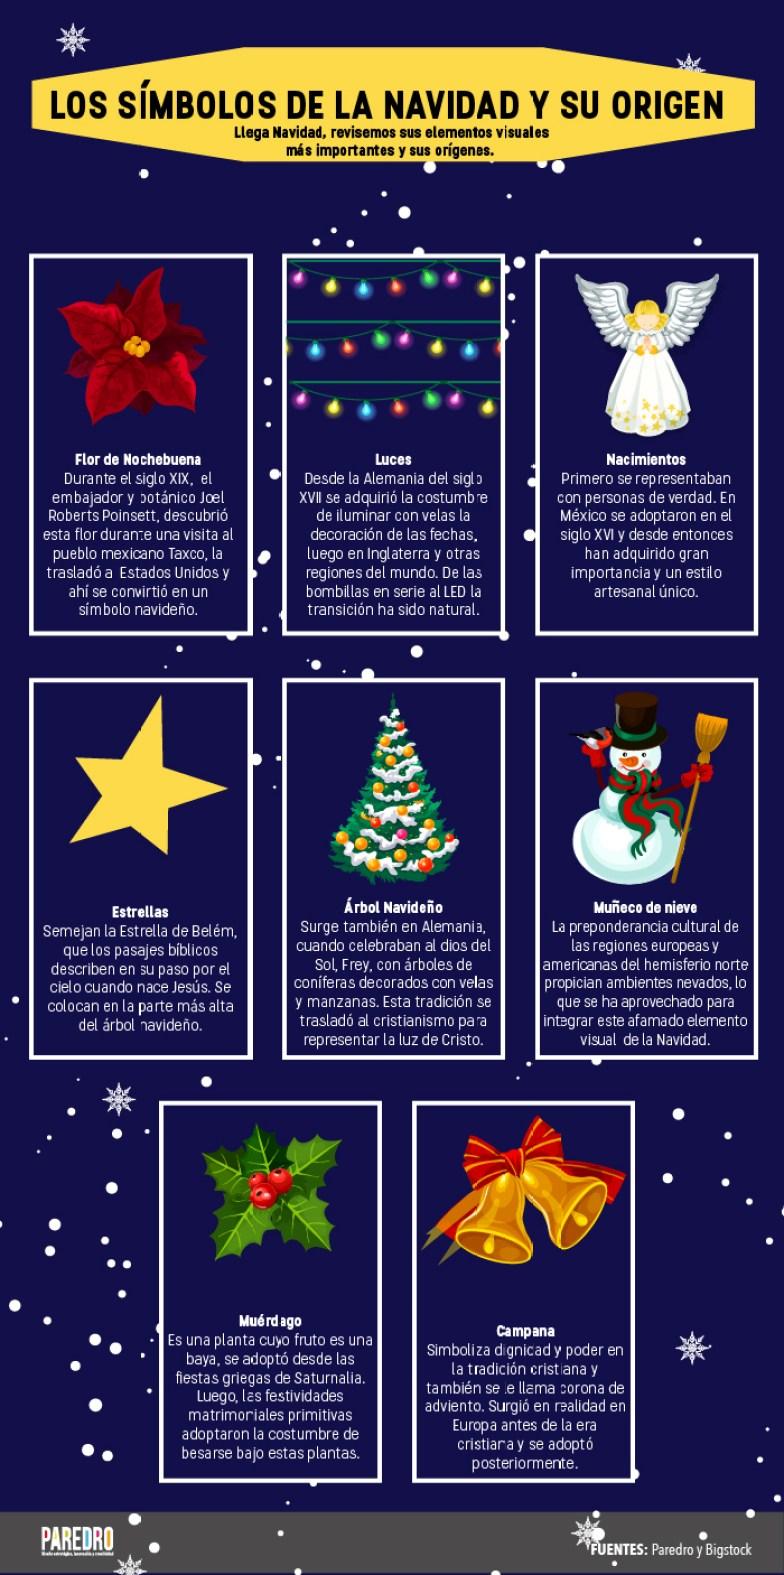 Los símbolos de la Navidad y su origen